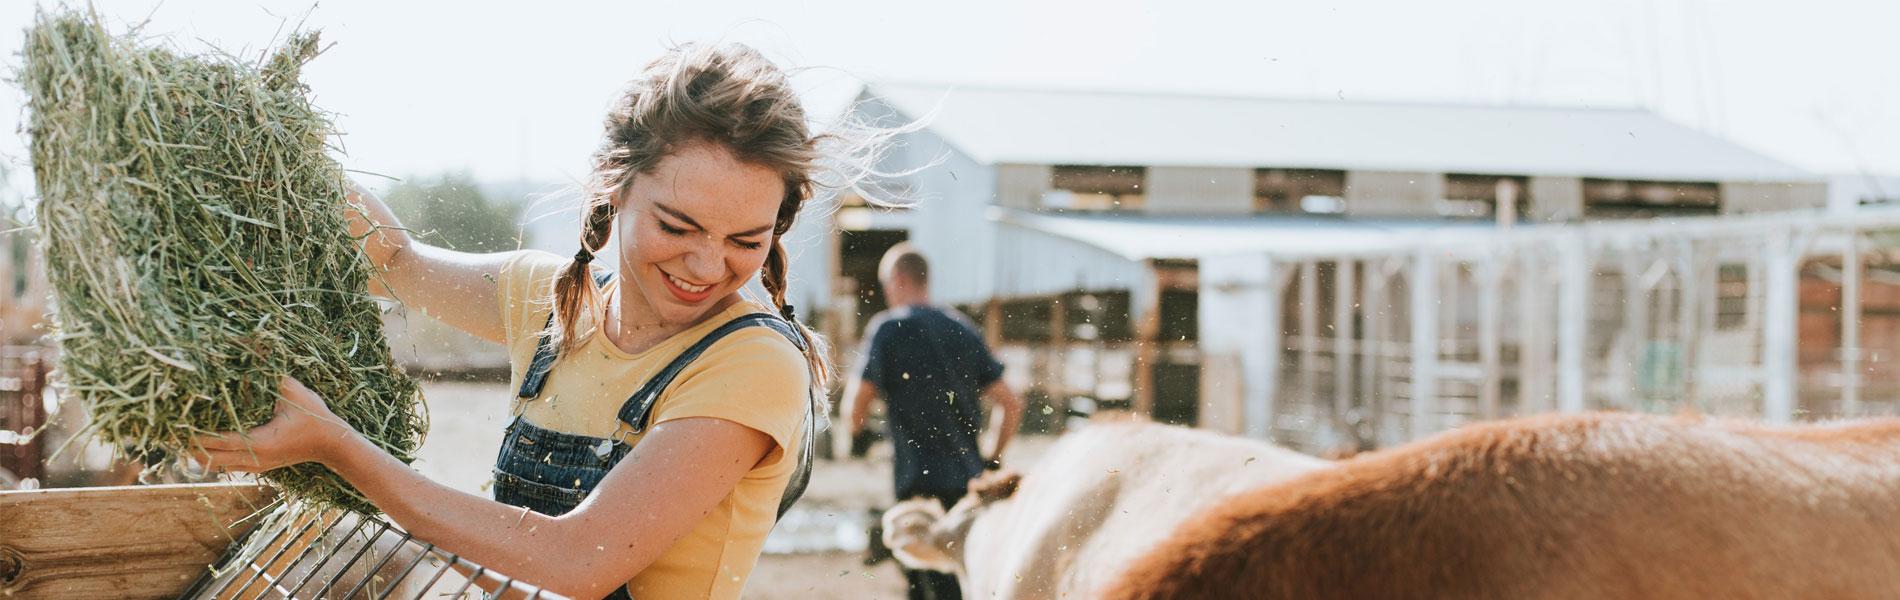 Zanimanje – Poljoprivredni tehničar